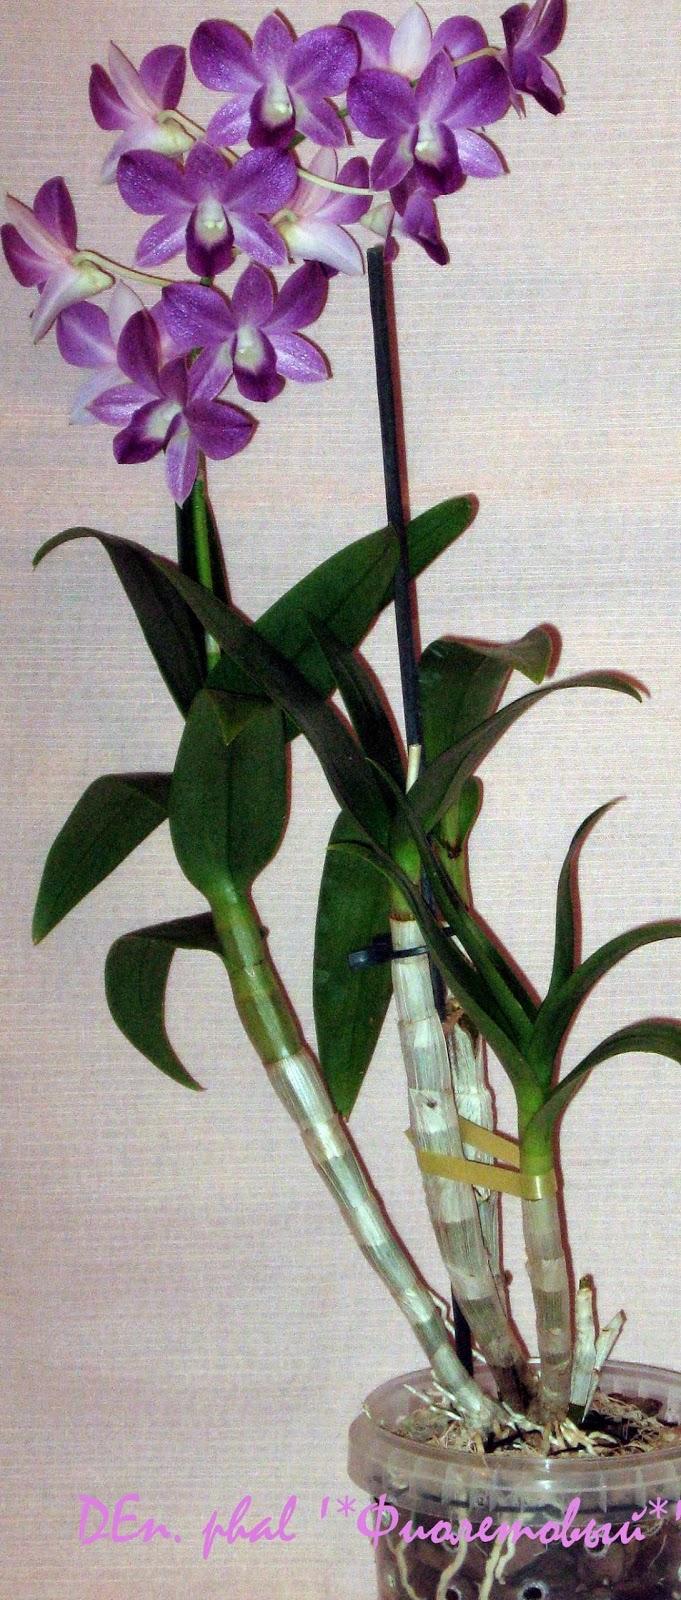 Дендробиум фаленопсис Фиолетовый в полн6ый рост